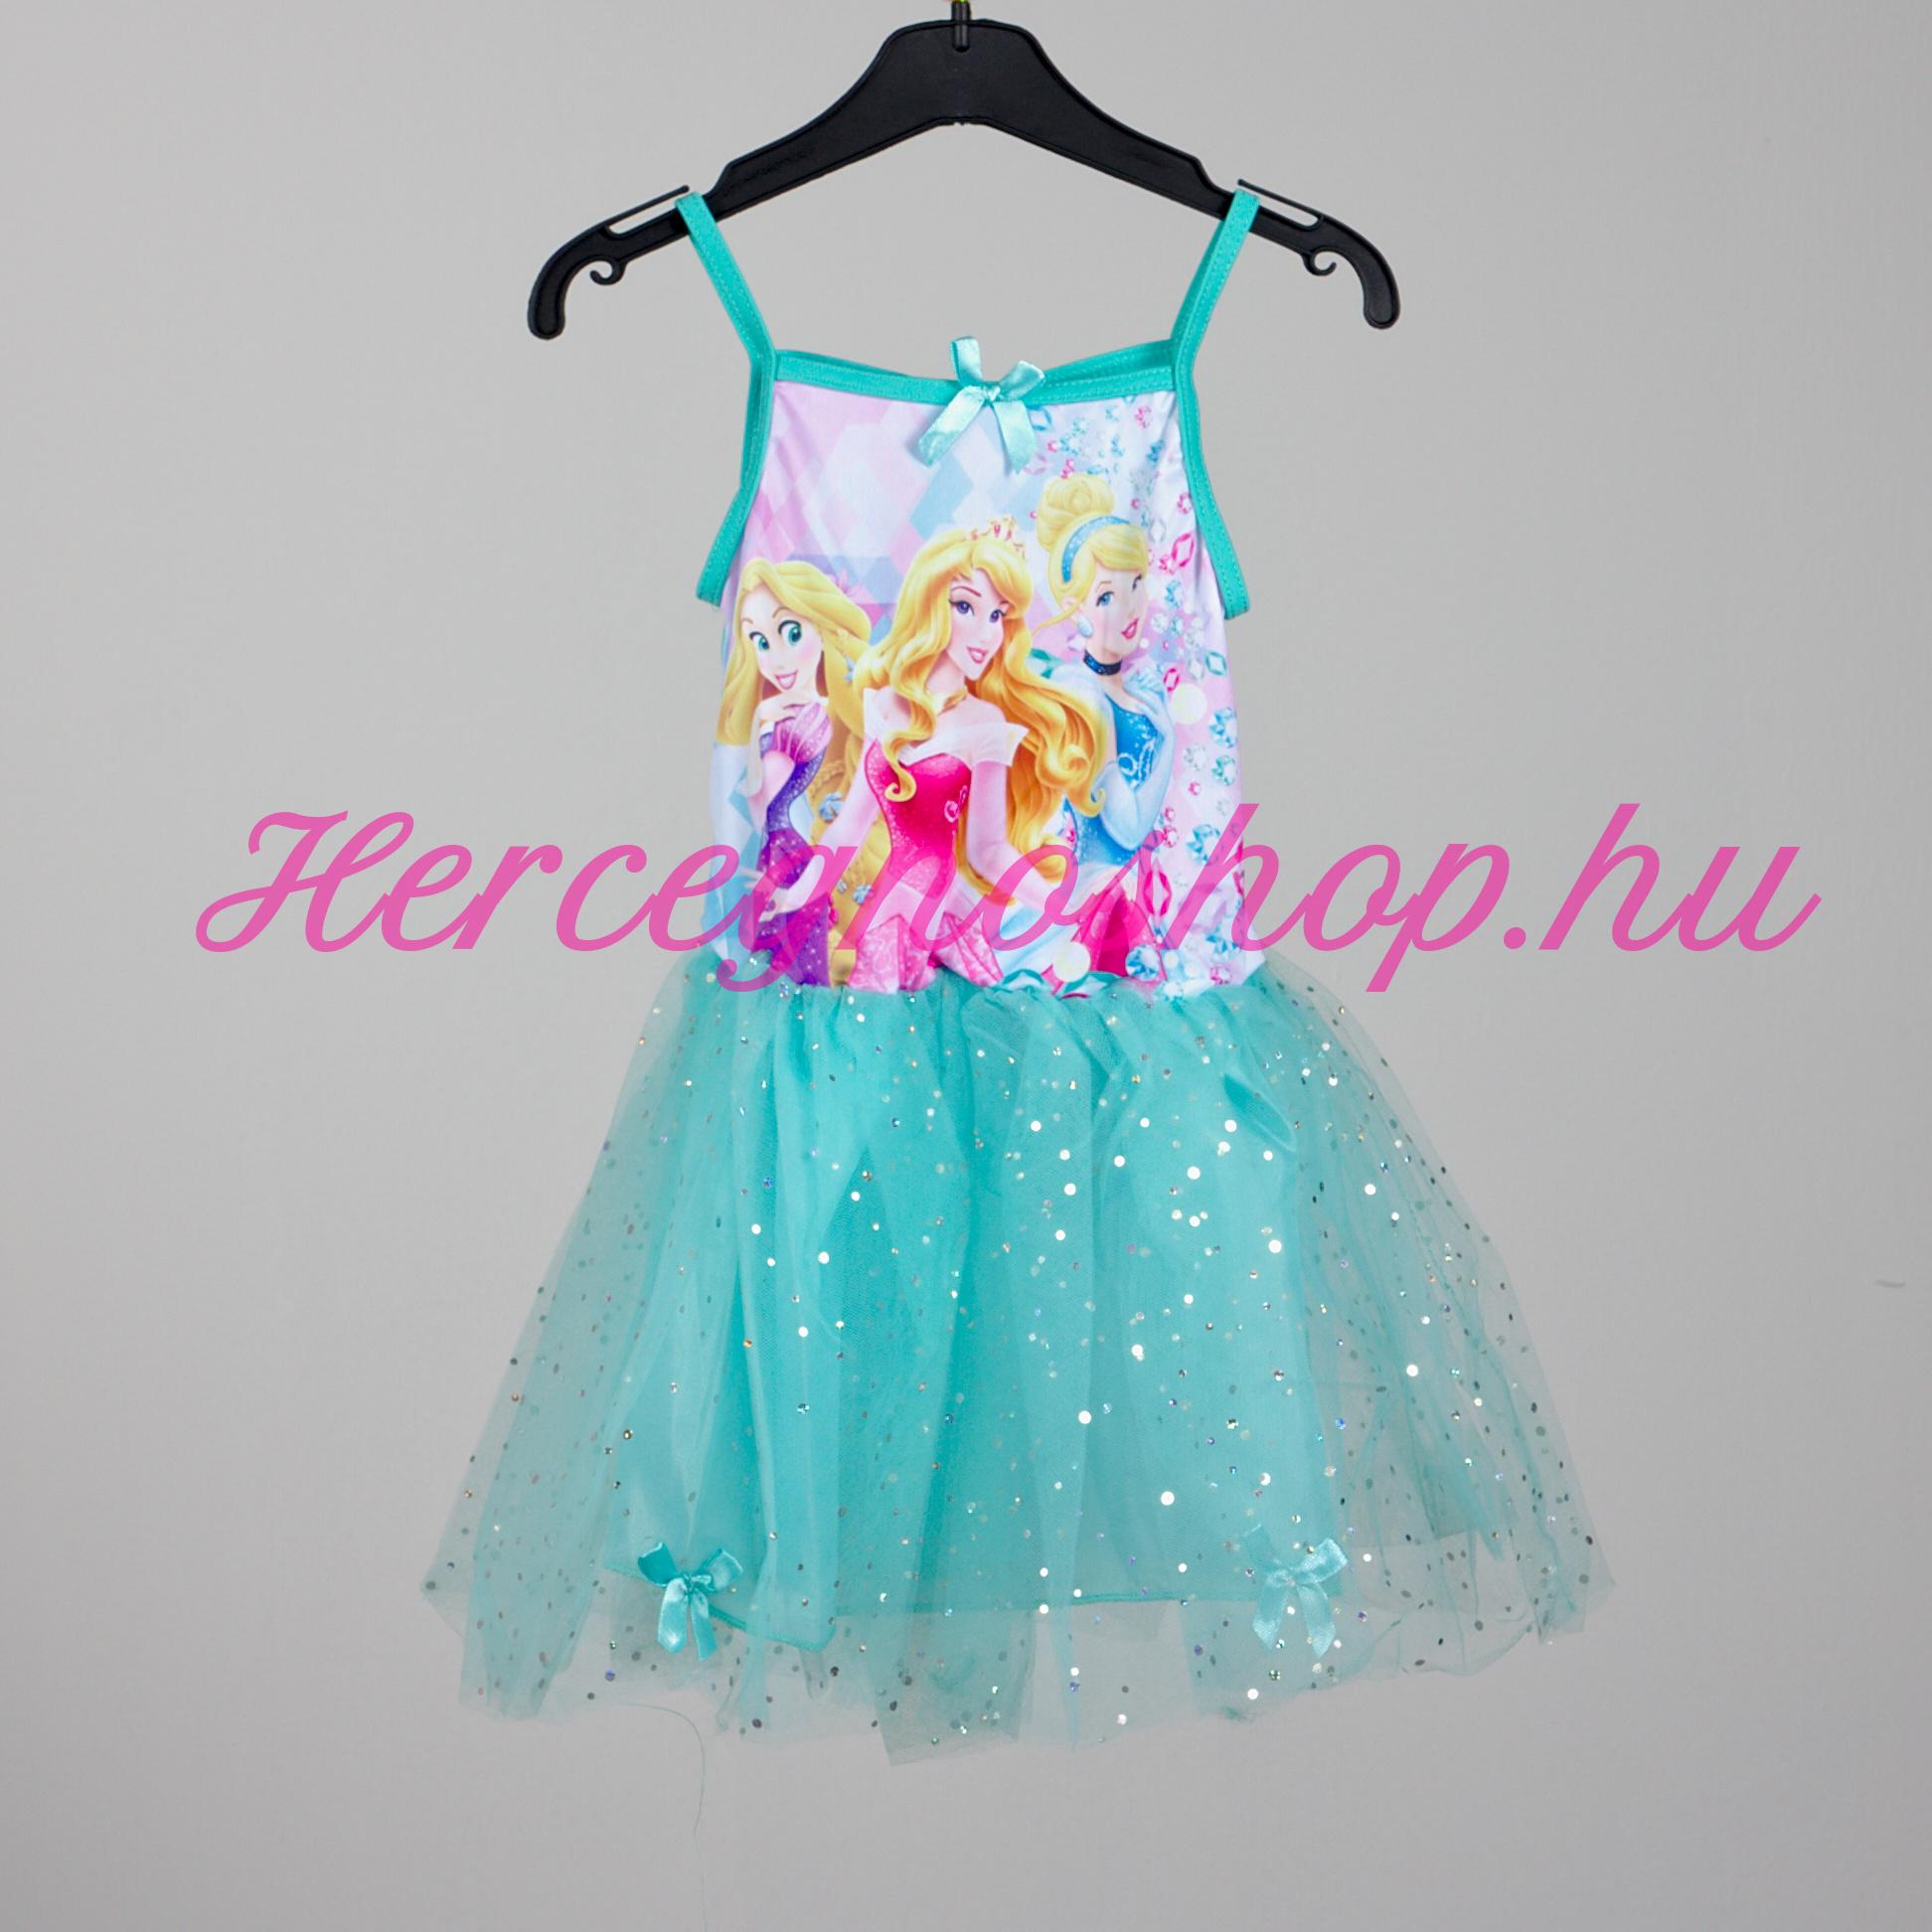 Disney hercegnők party ruha – kék (Disney Princess)